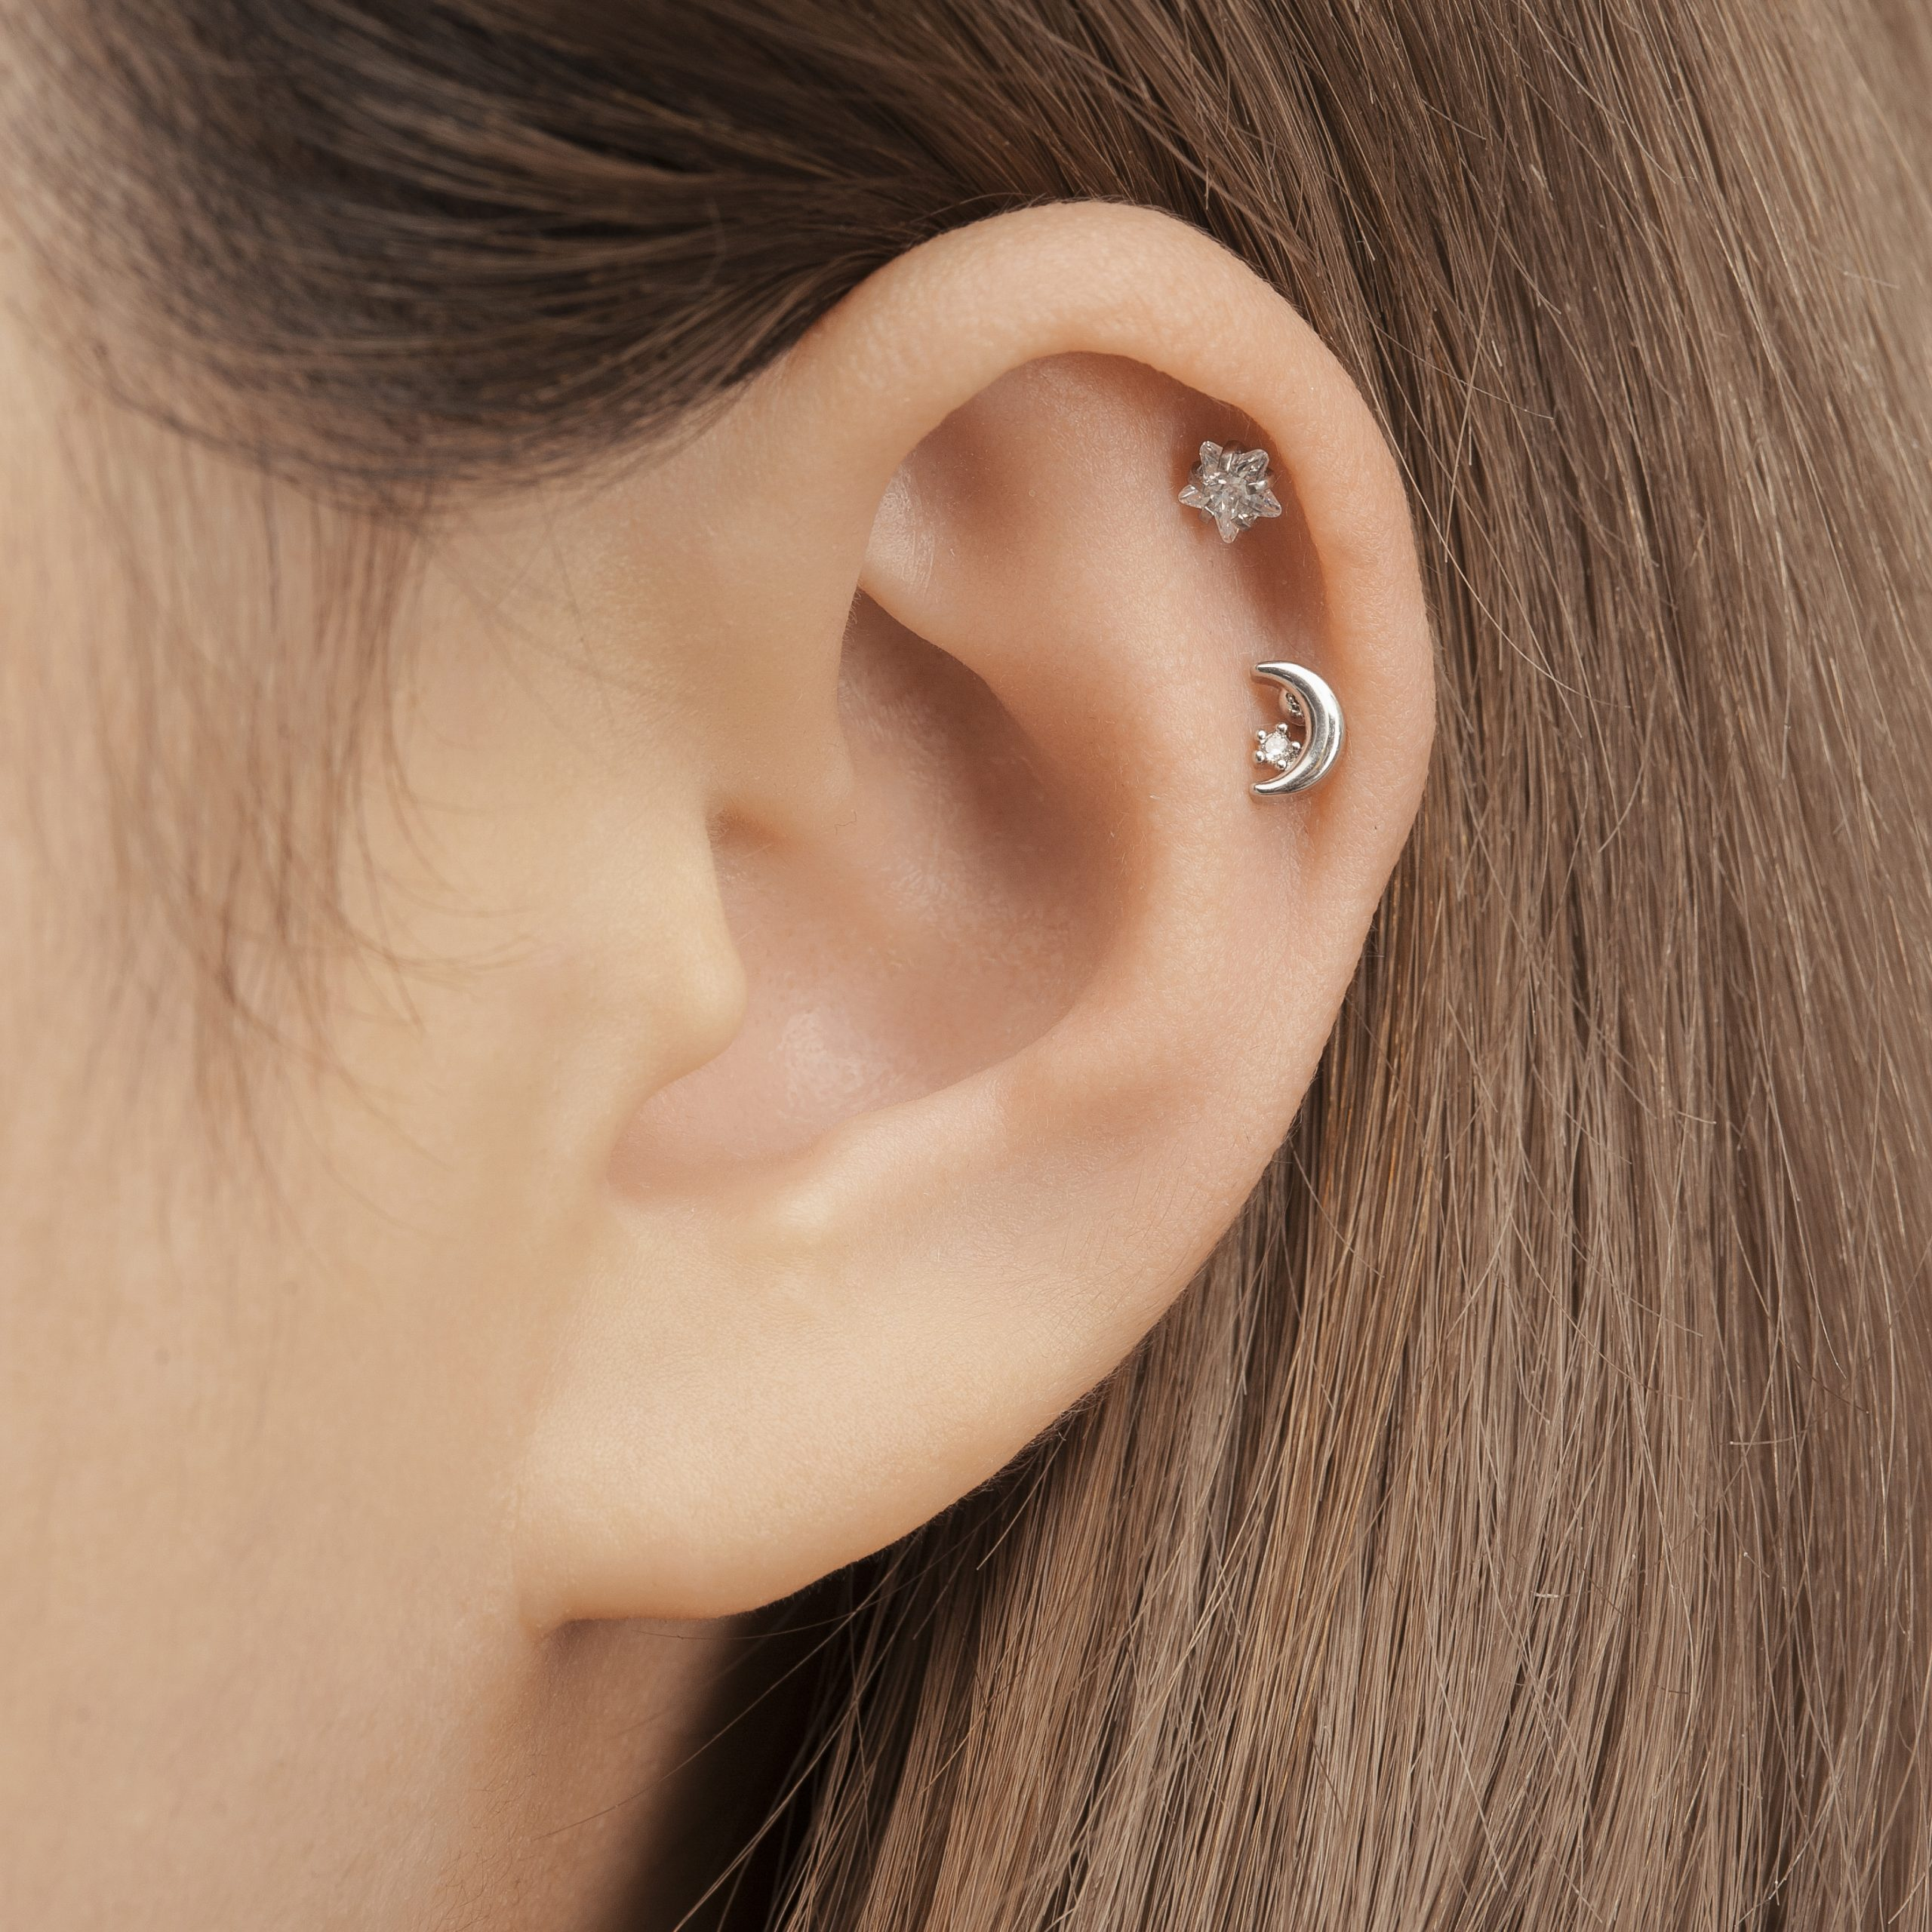 Double Helix Piercing (vị trí xỏ khuyên lỗ đúp sụn vành tai)